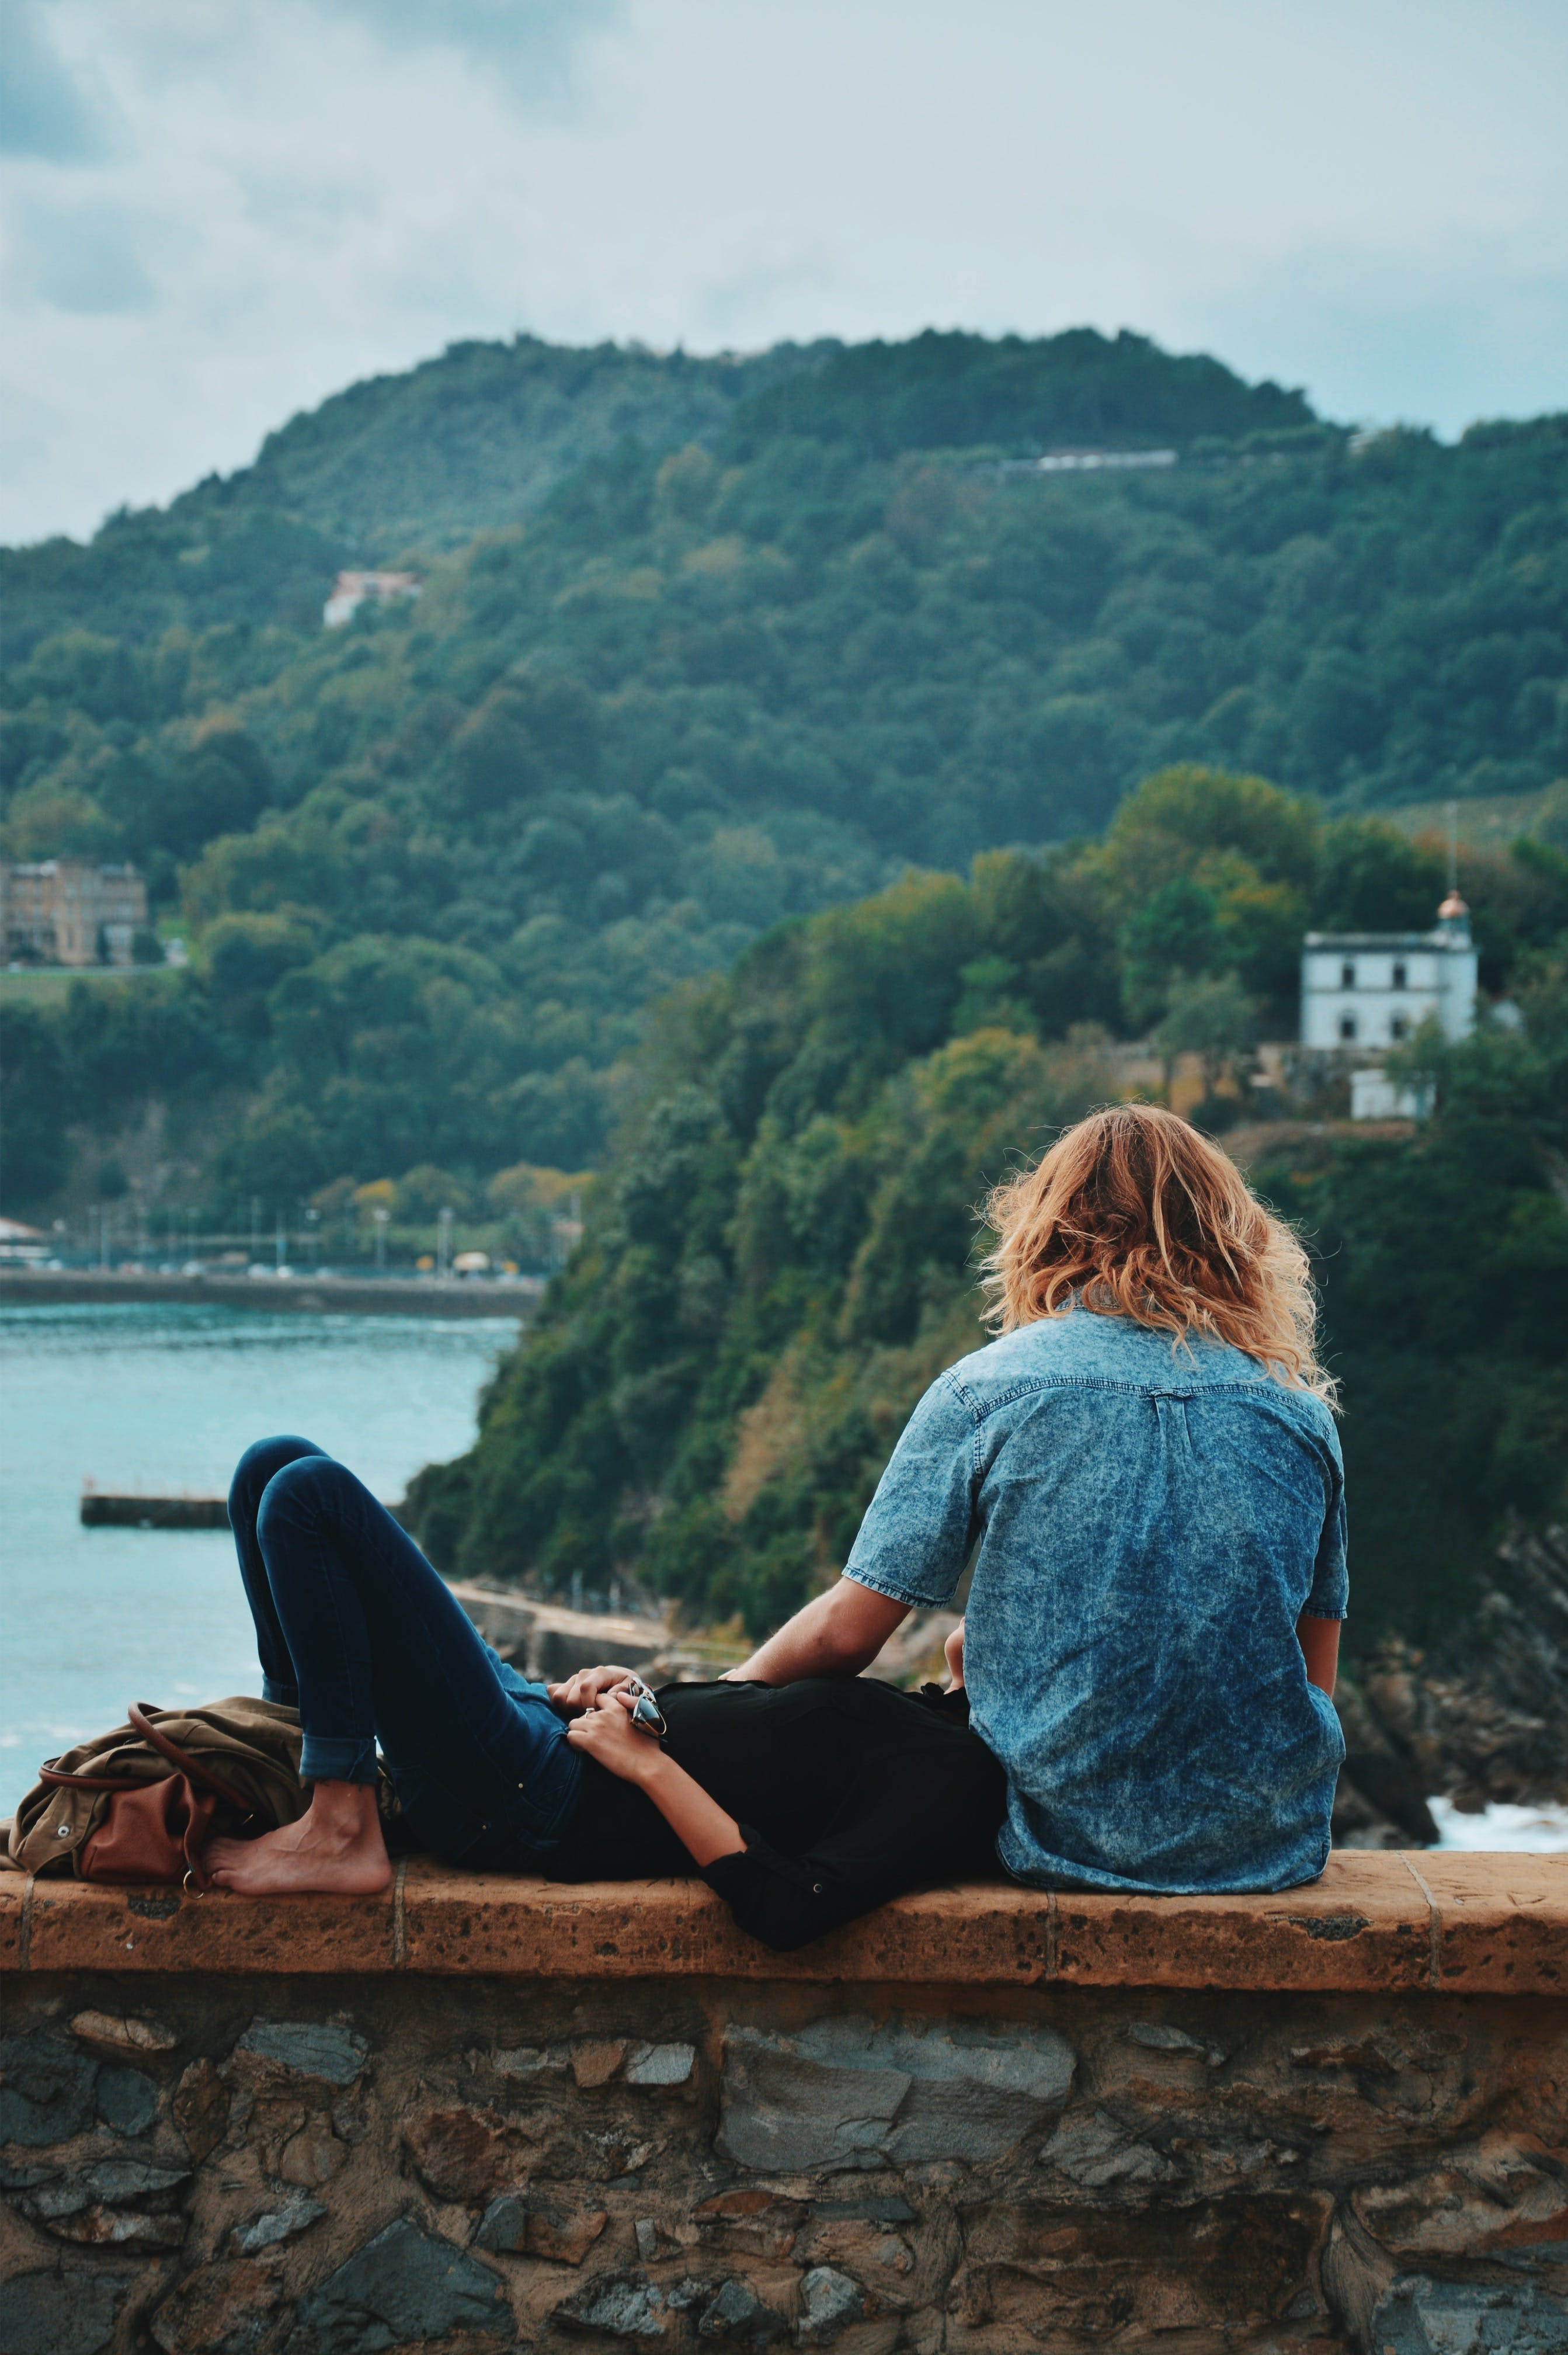 açık hava, ada, ağaçlar, arkadan görünüm içeren Ücretsiz stok fotoğraf